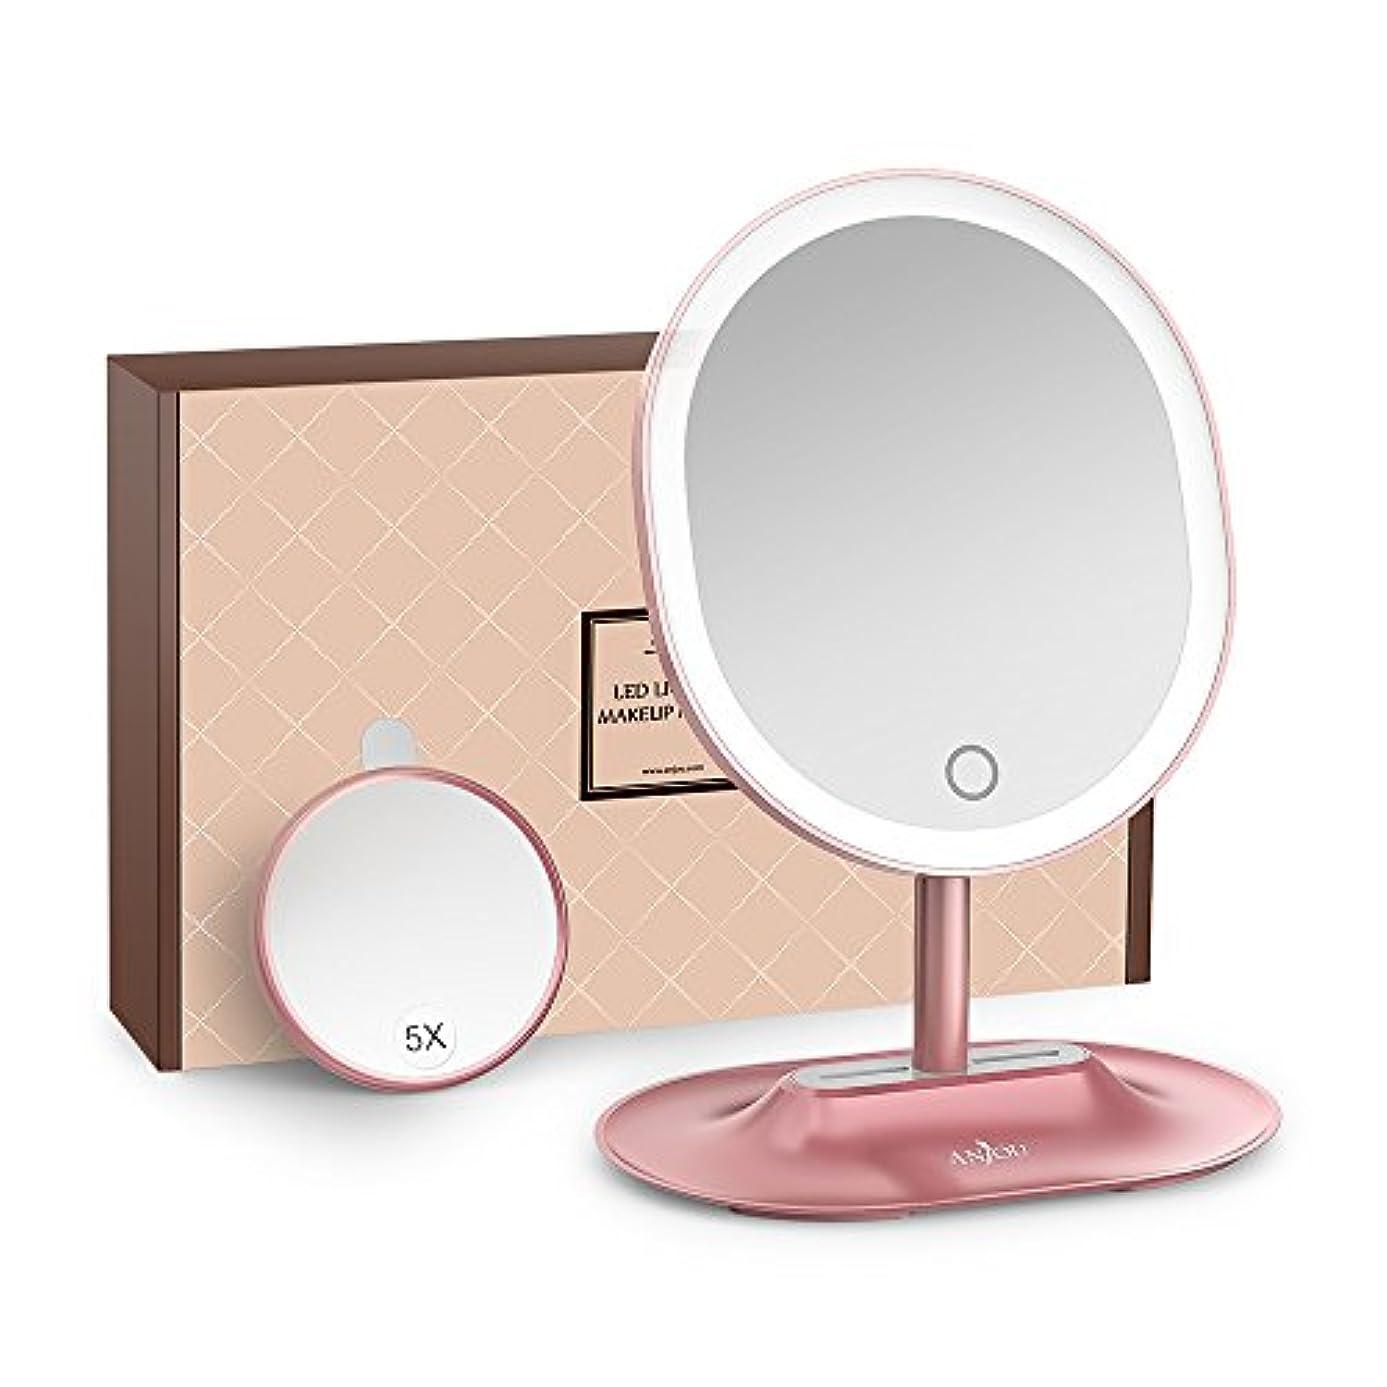 誘発するご注意再集計Anjou 化粧ミラー LED 卓上 5倍 拡大鏡 タッチパネル 明るさ調節可 メイク スタンドミラー 120度回転 USB充電 トレー付 (ローズゴールド) AJ-MTA005